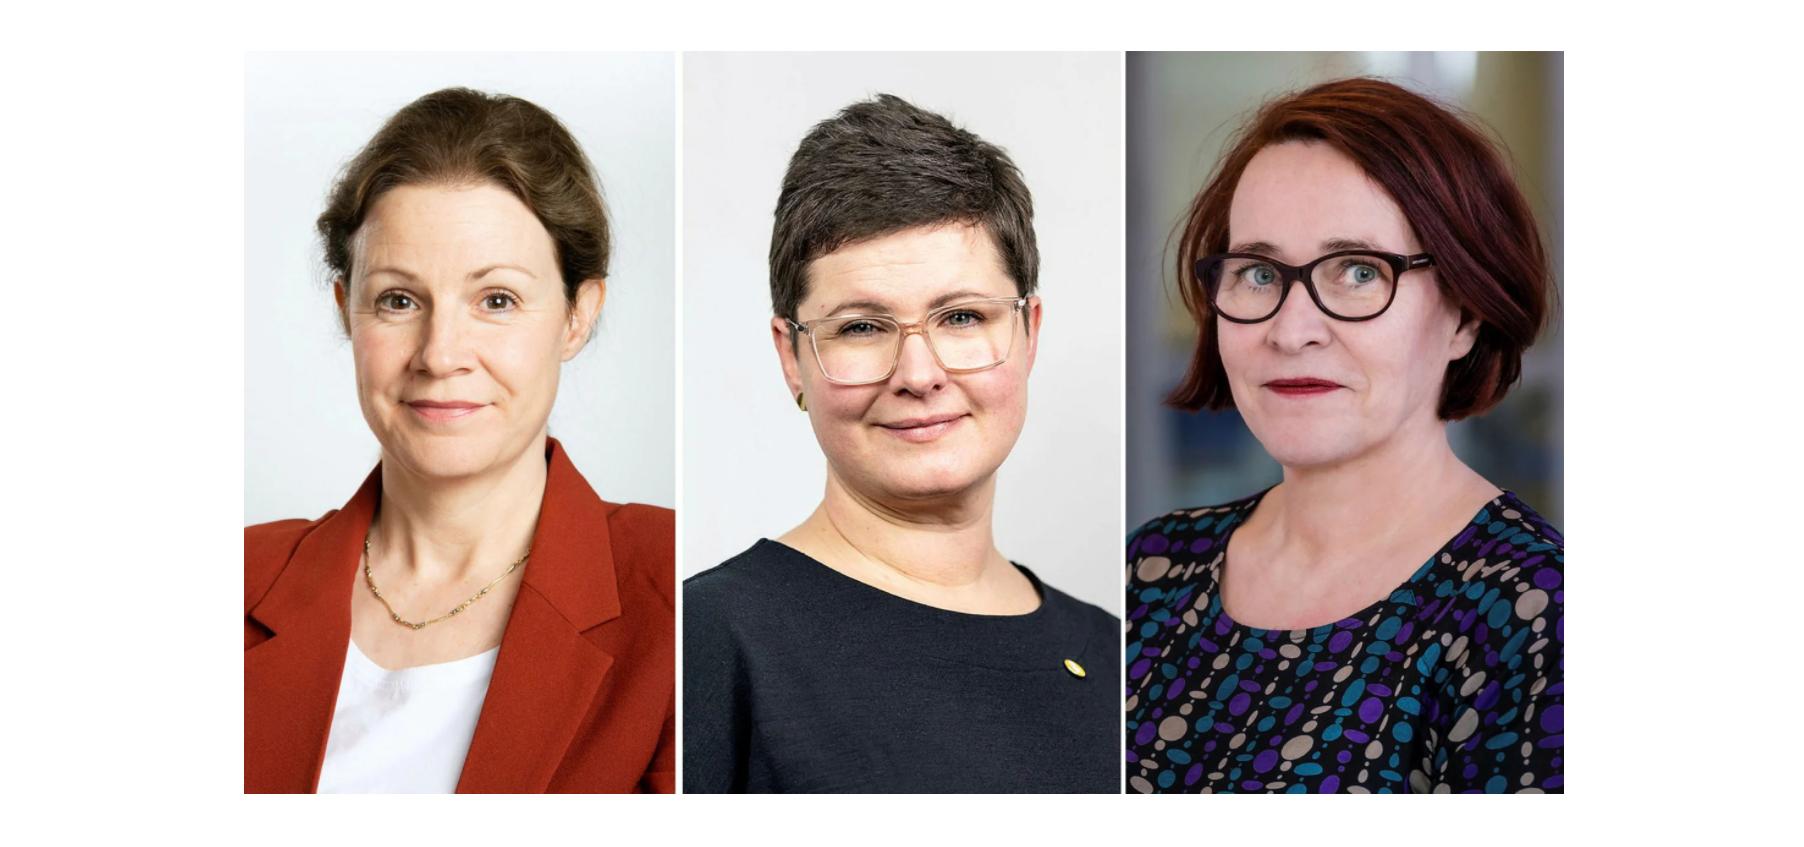 Christina Heilborn (fotograf: Charlotte Rückl), Ida Kåhlin (fotograf: Alexander Mahmoud) och Ewa Öhström-Holmqvist